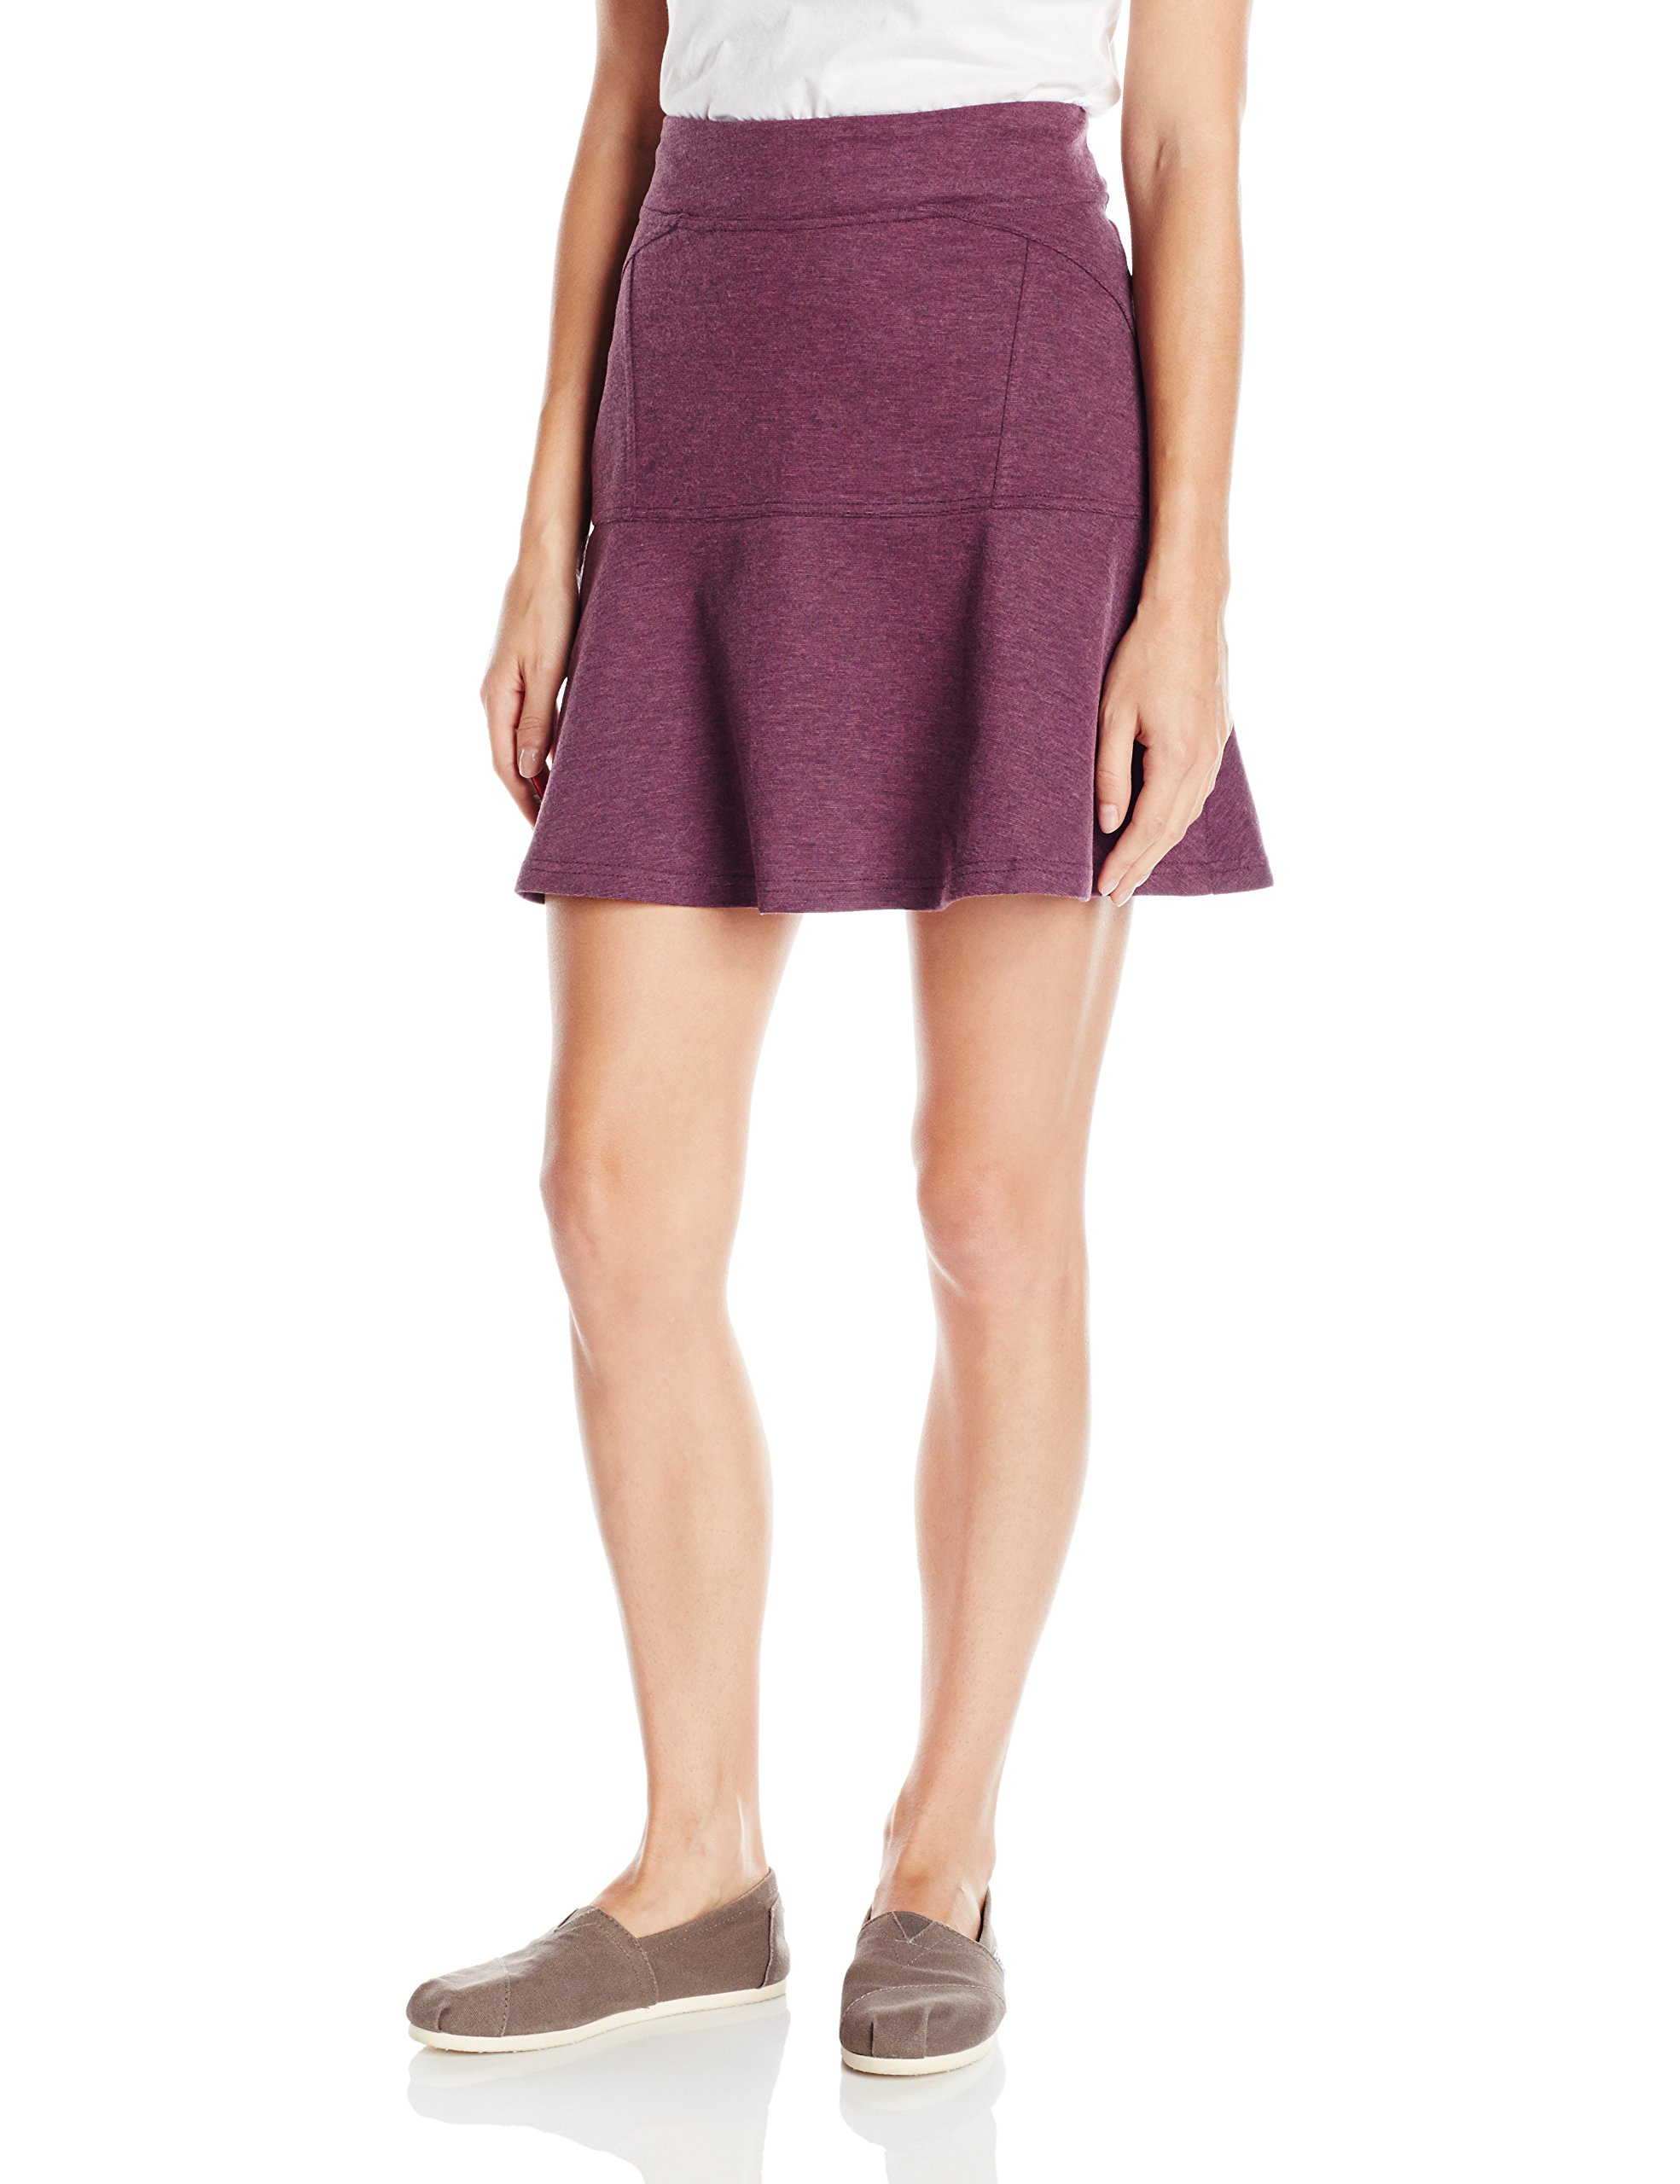 prAna Women's Gianna Skirt, Small, Wine by prAna